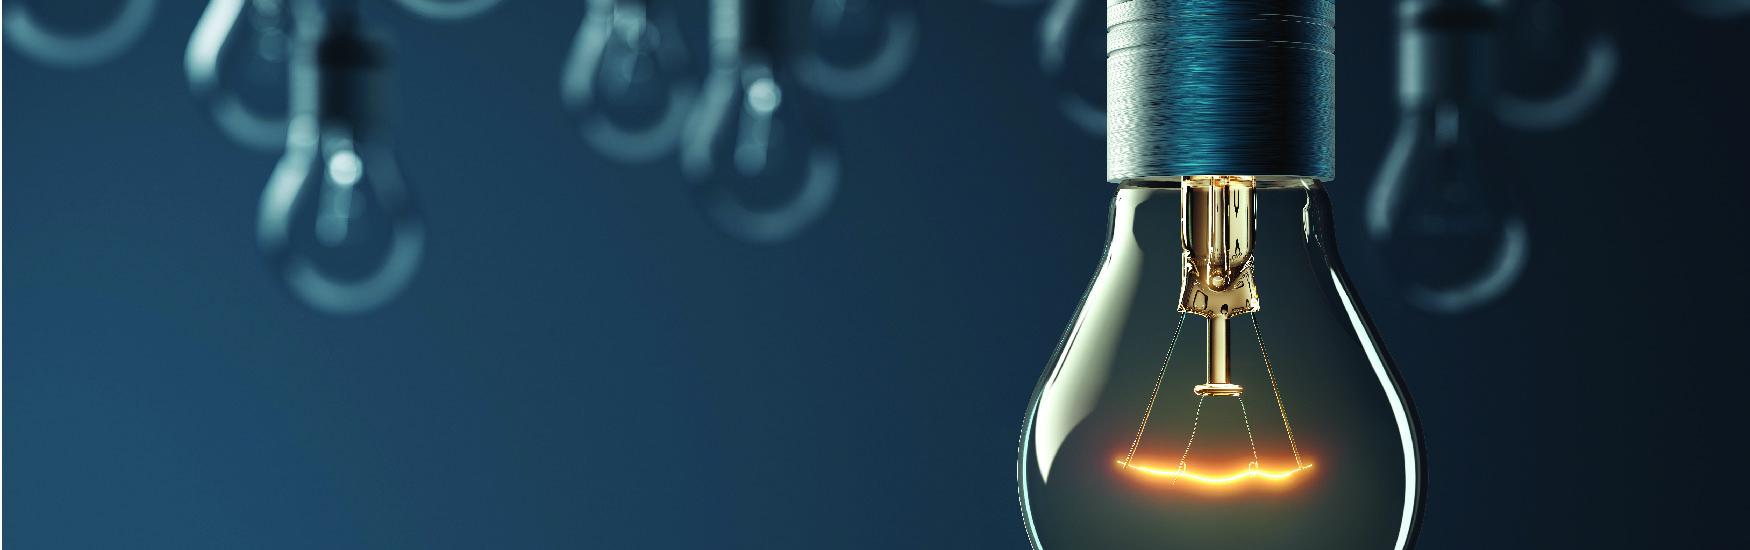 lightblub-01